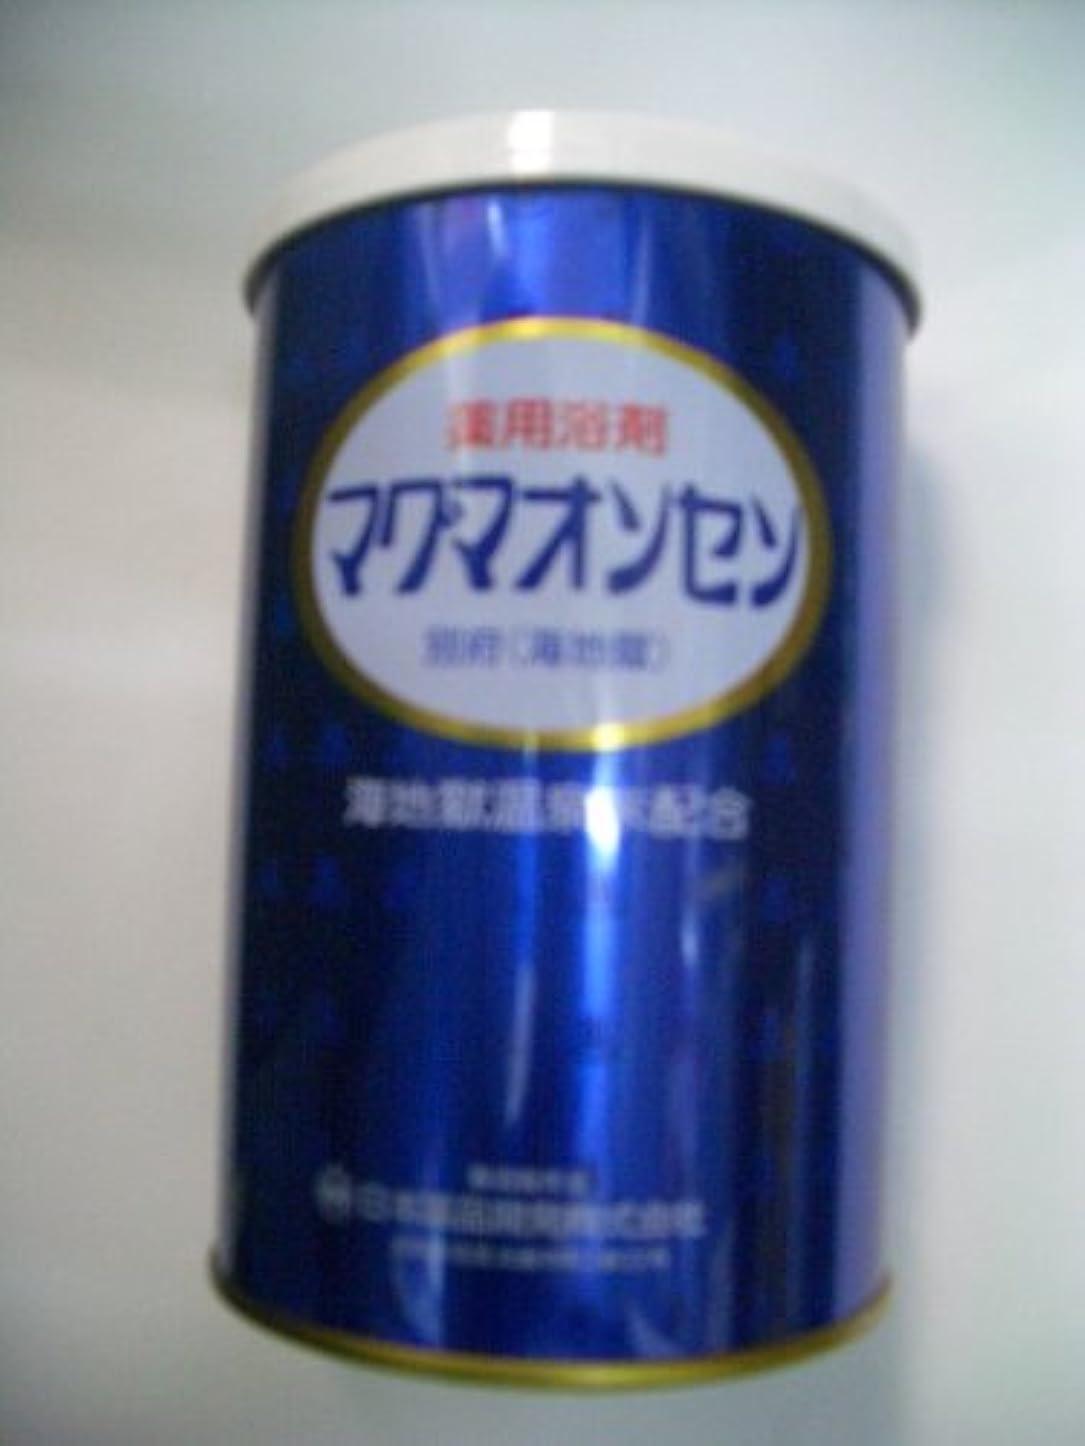 負担大学院排除別府温泉【マグマオンセン温泉】(海地獄)缶入500g 6個